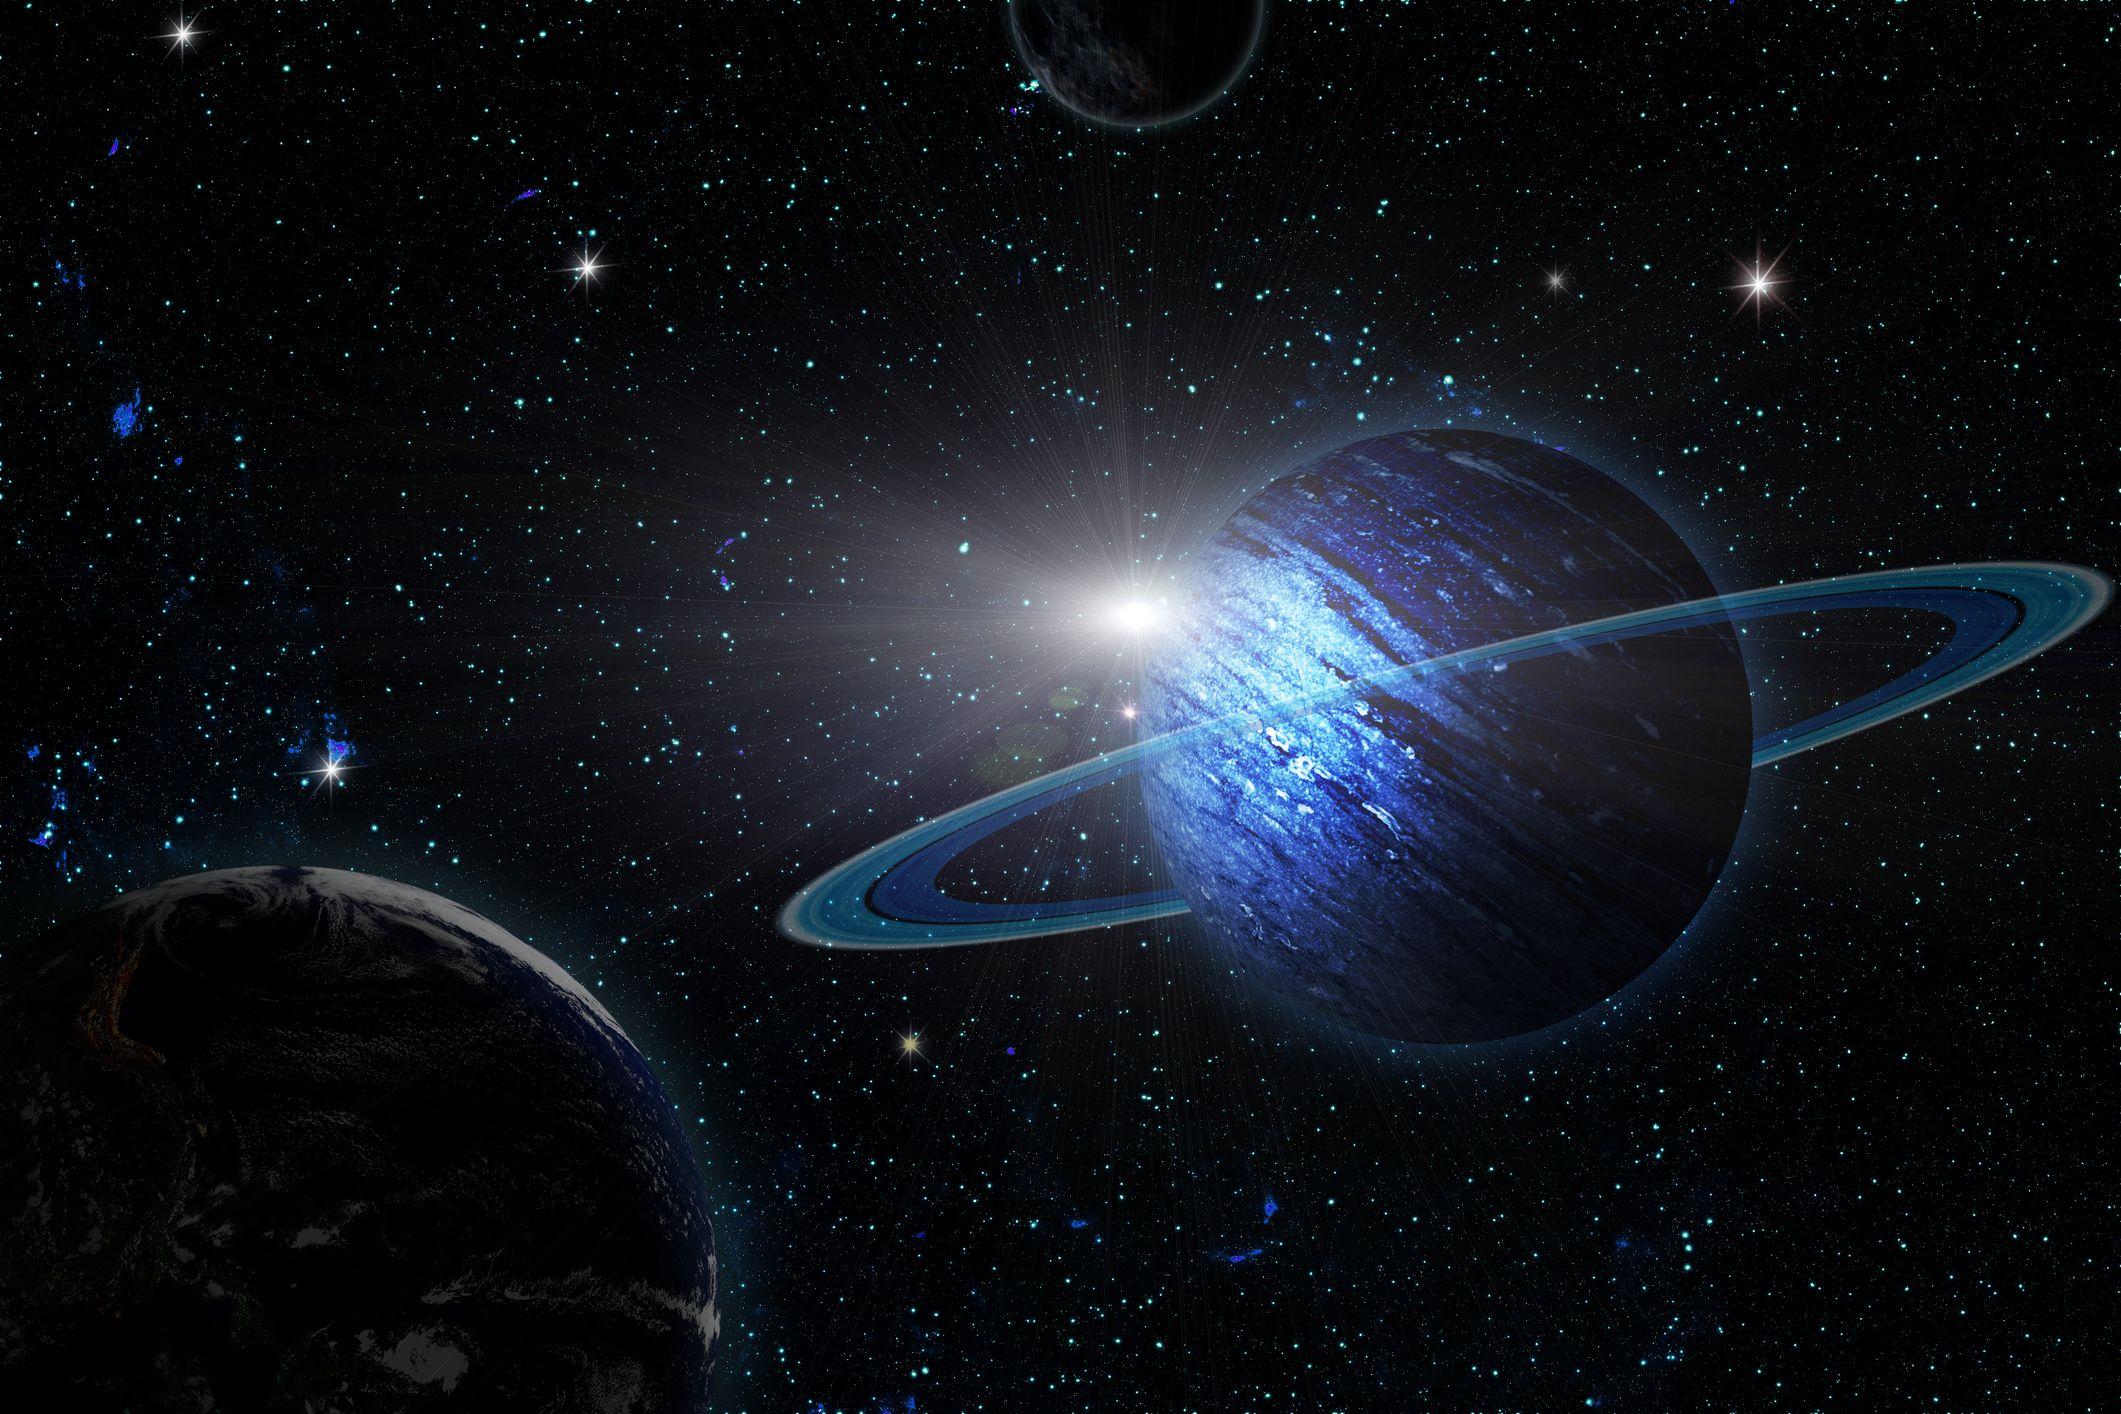 7_3_Uranus